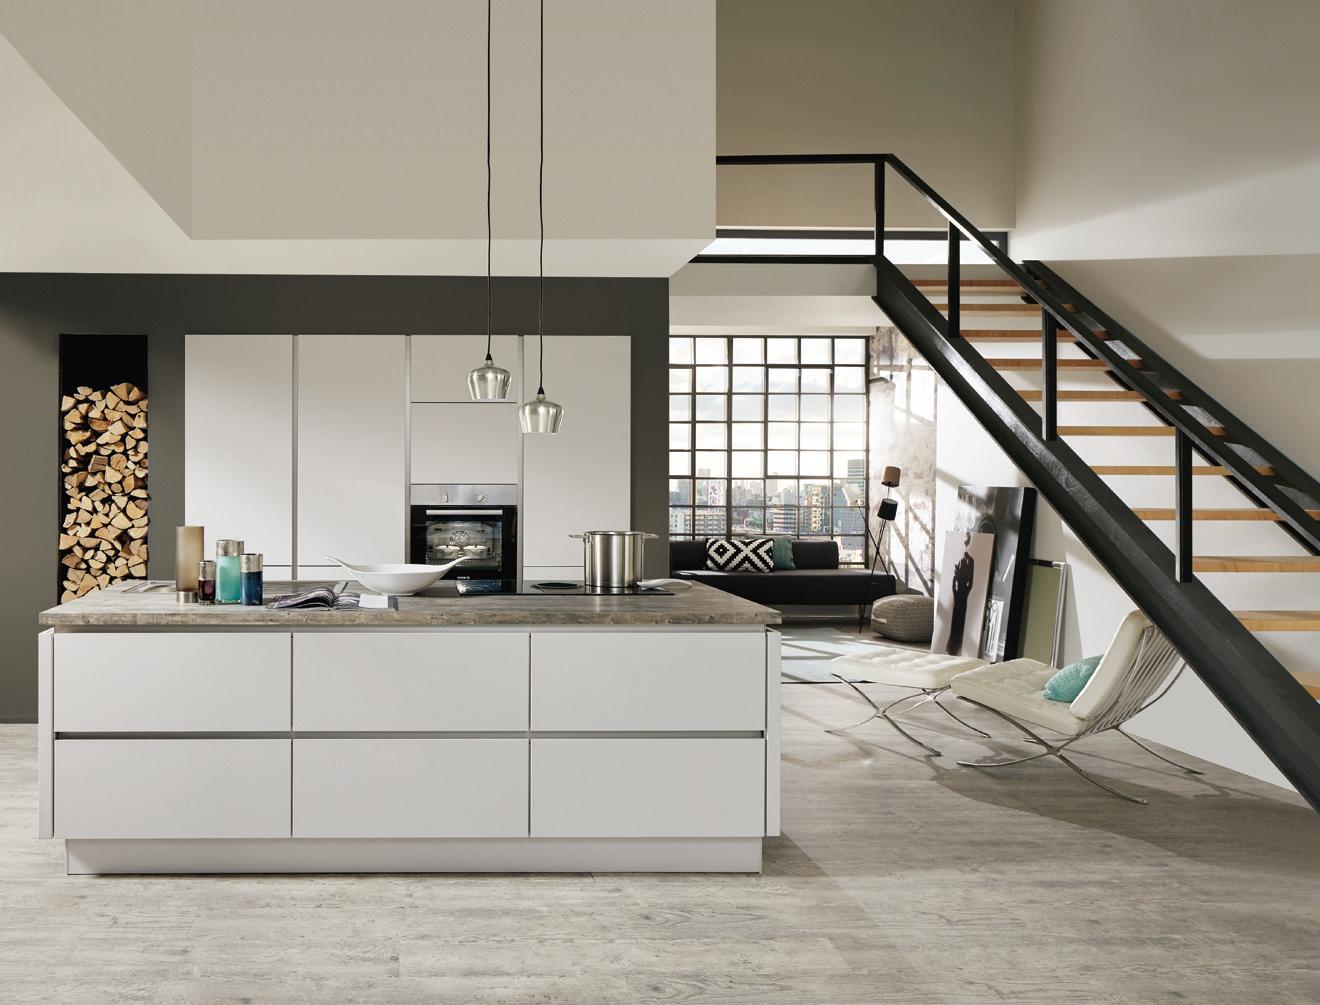 Aviva distingue trois tendances dans la cuisine - Cuisines et bains